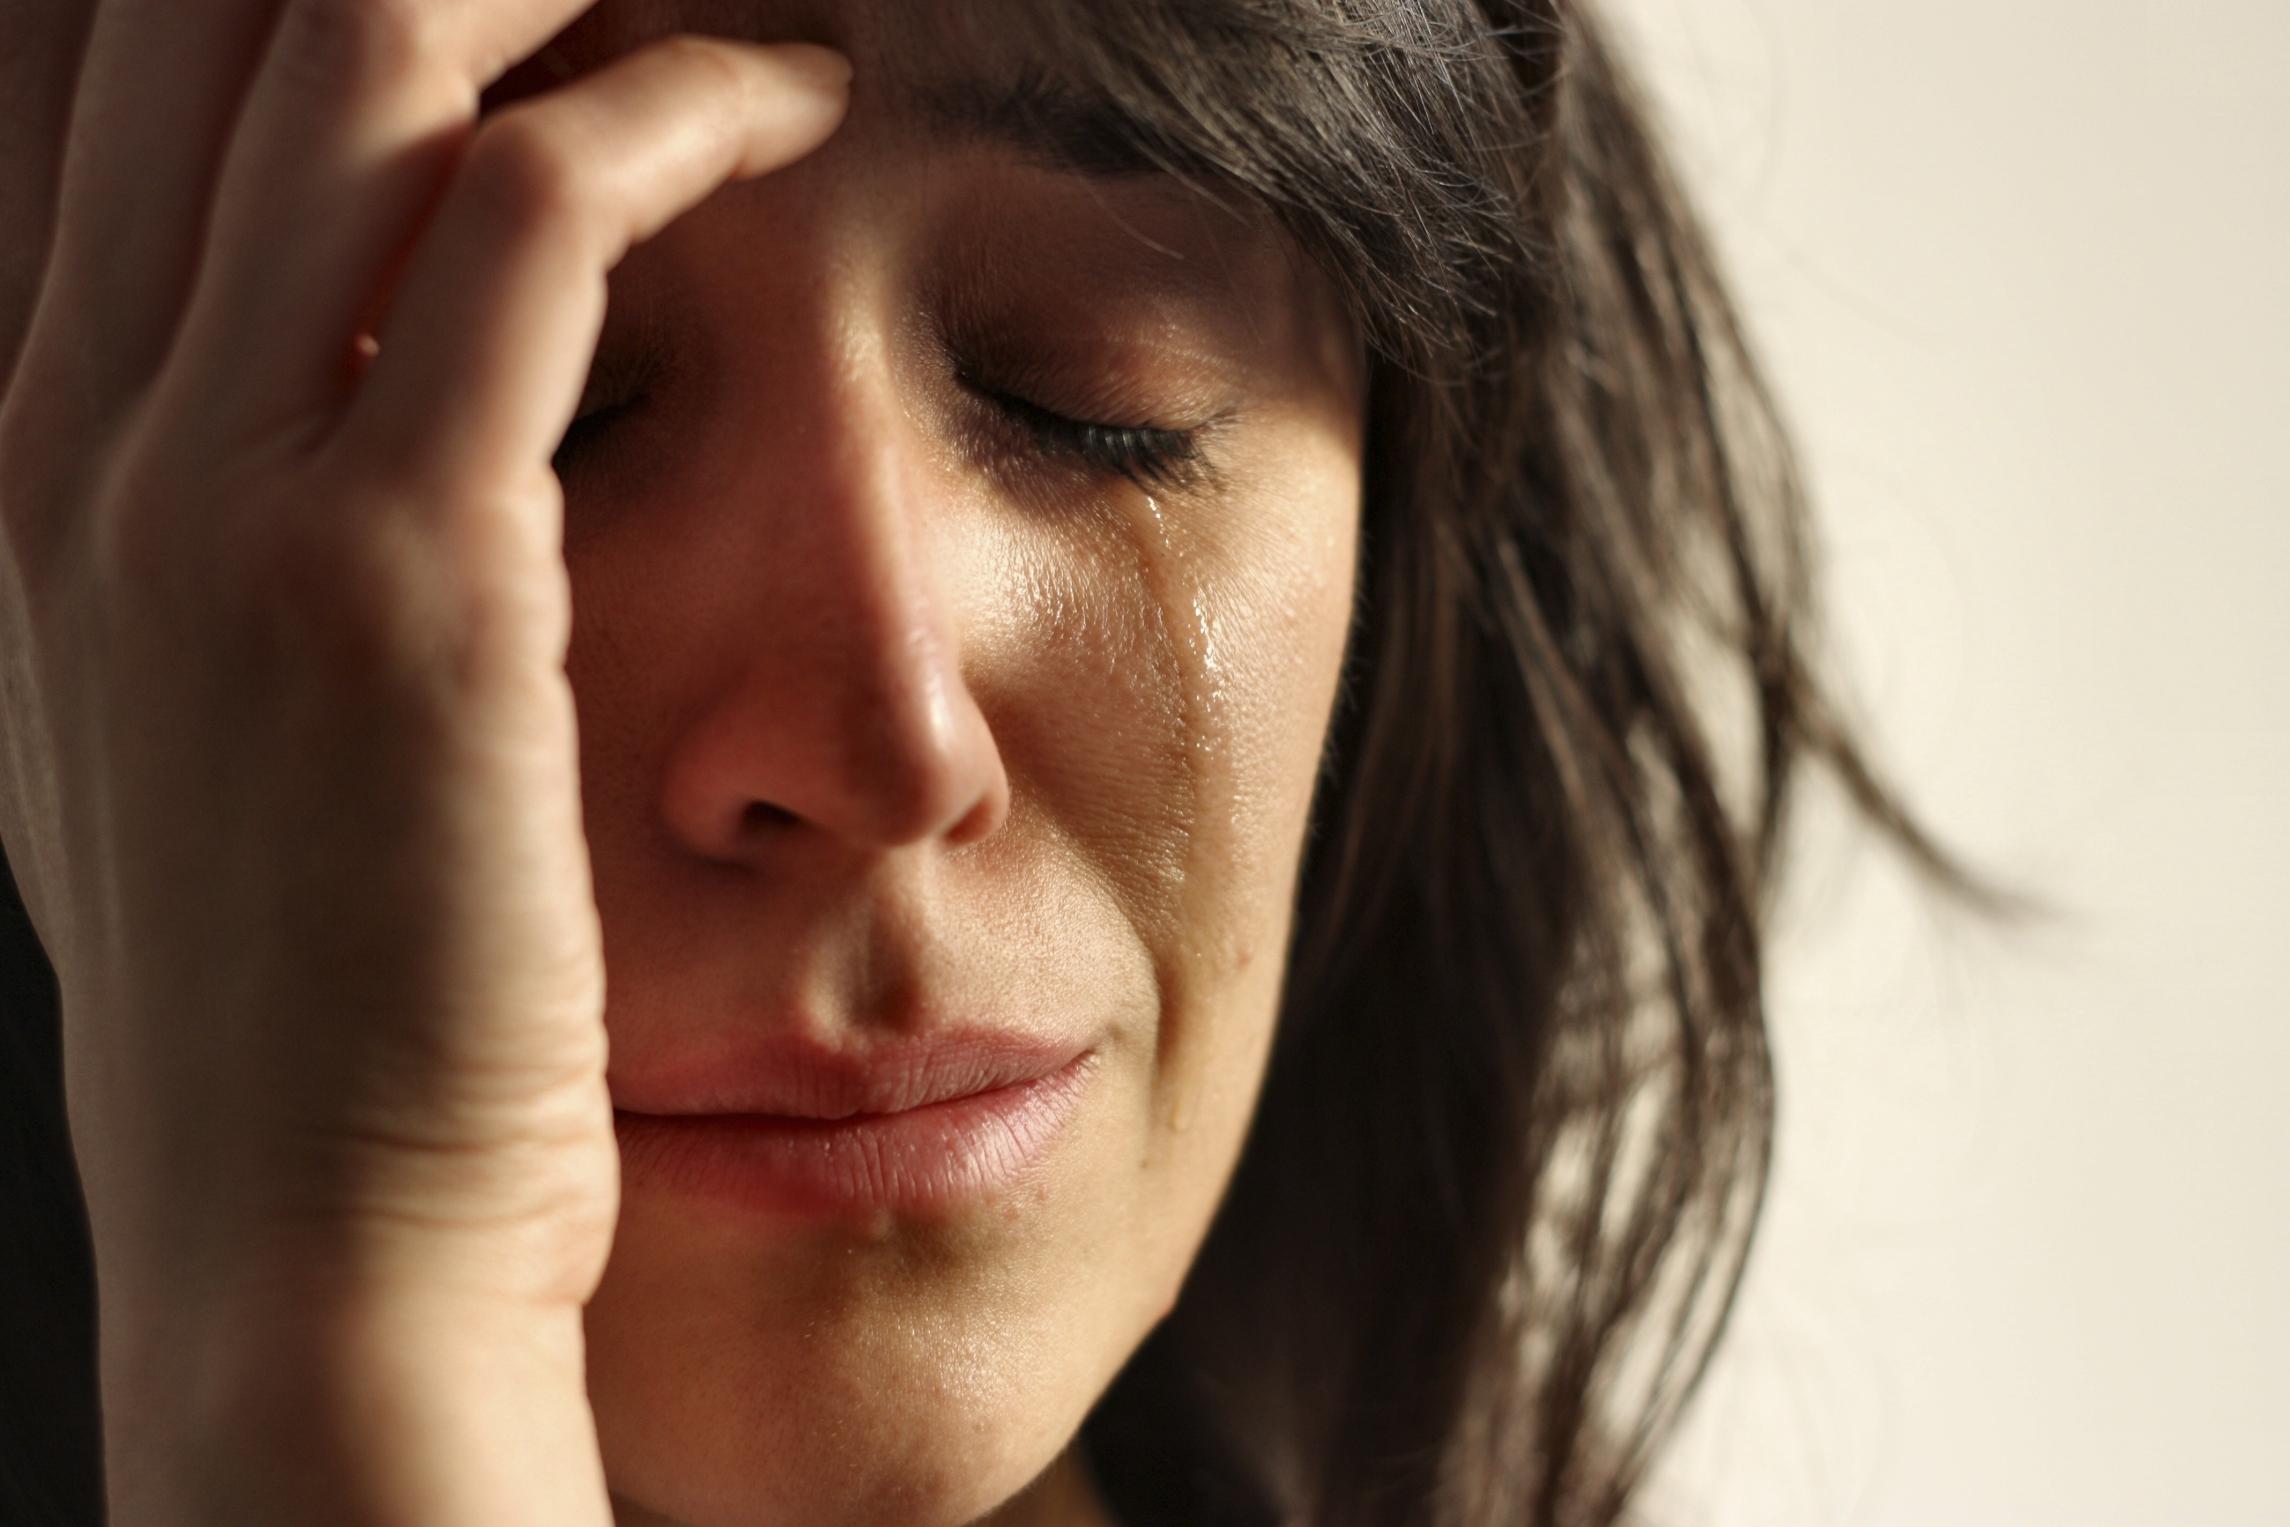 популярностью фото на тему оклеветали со слезами пасмурную